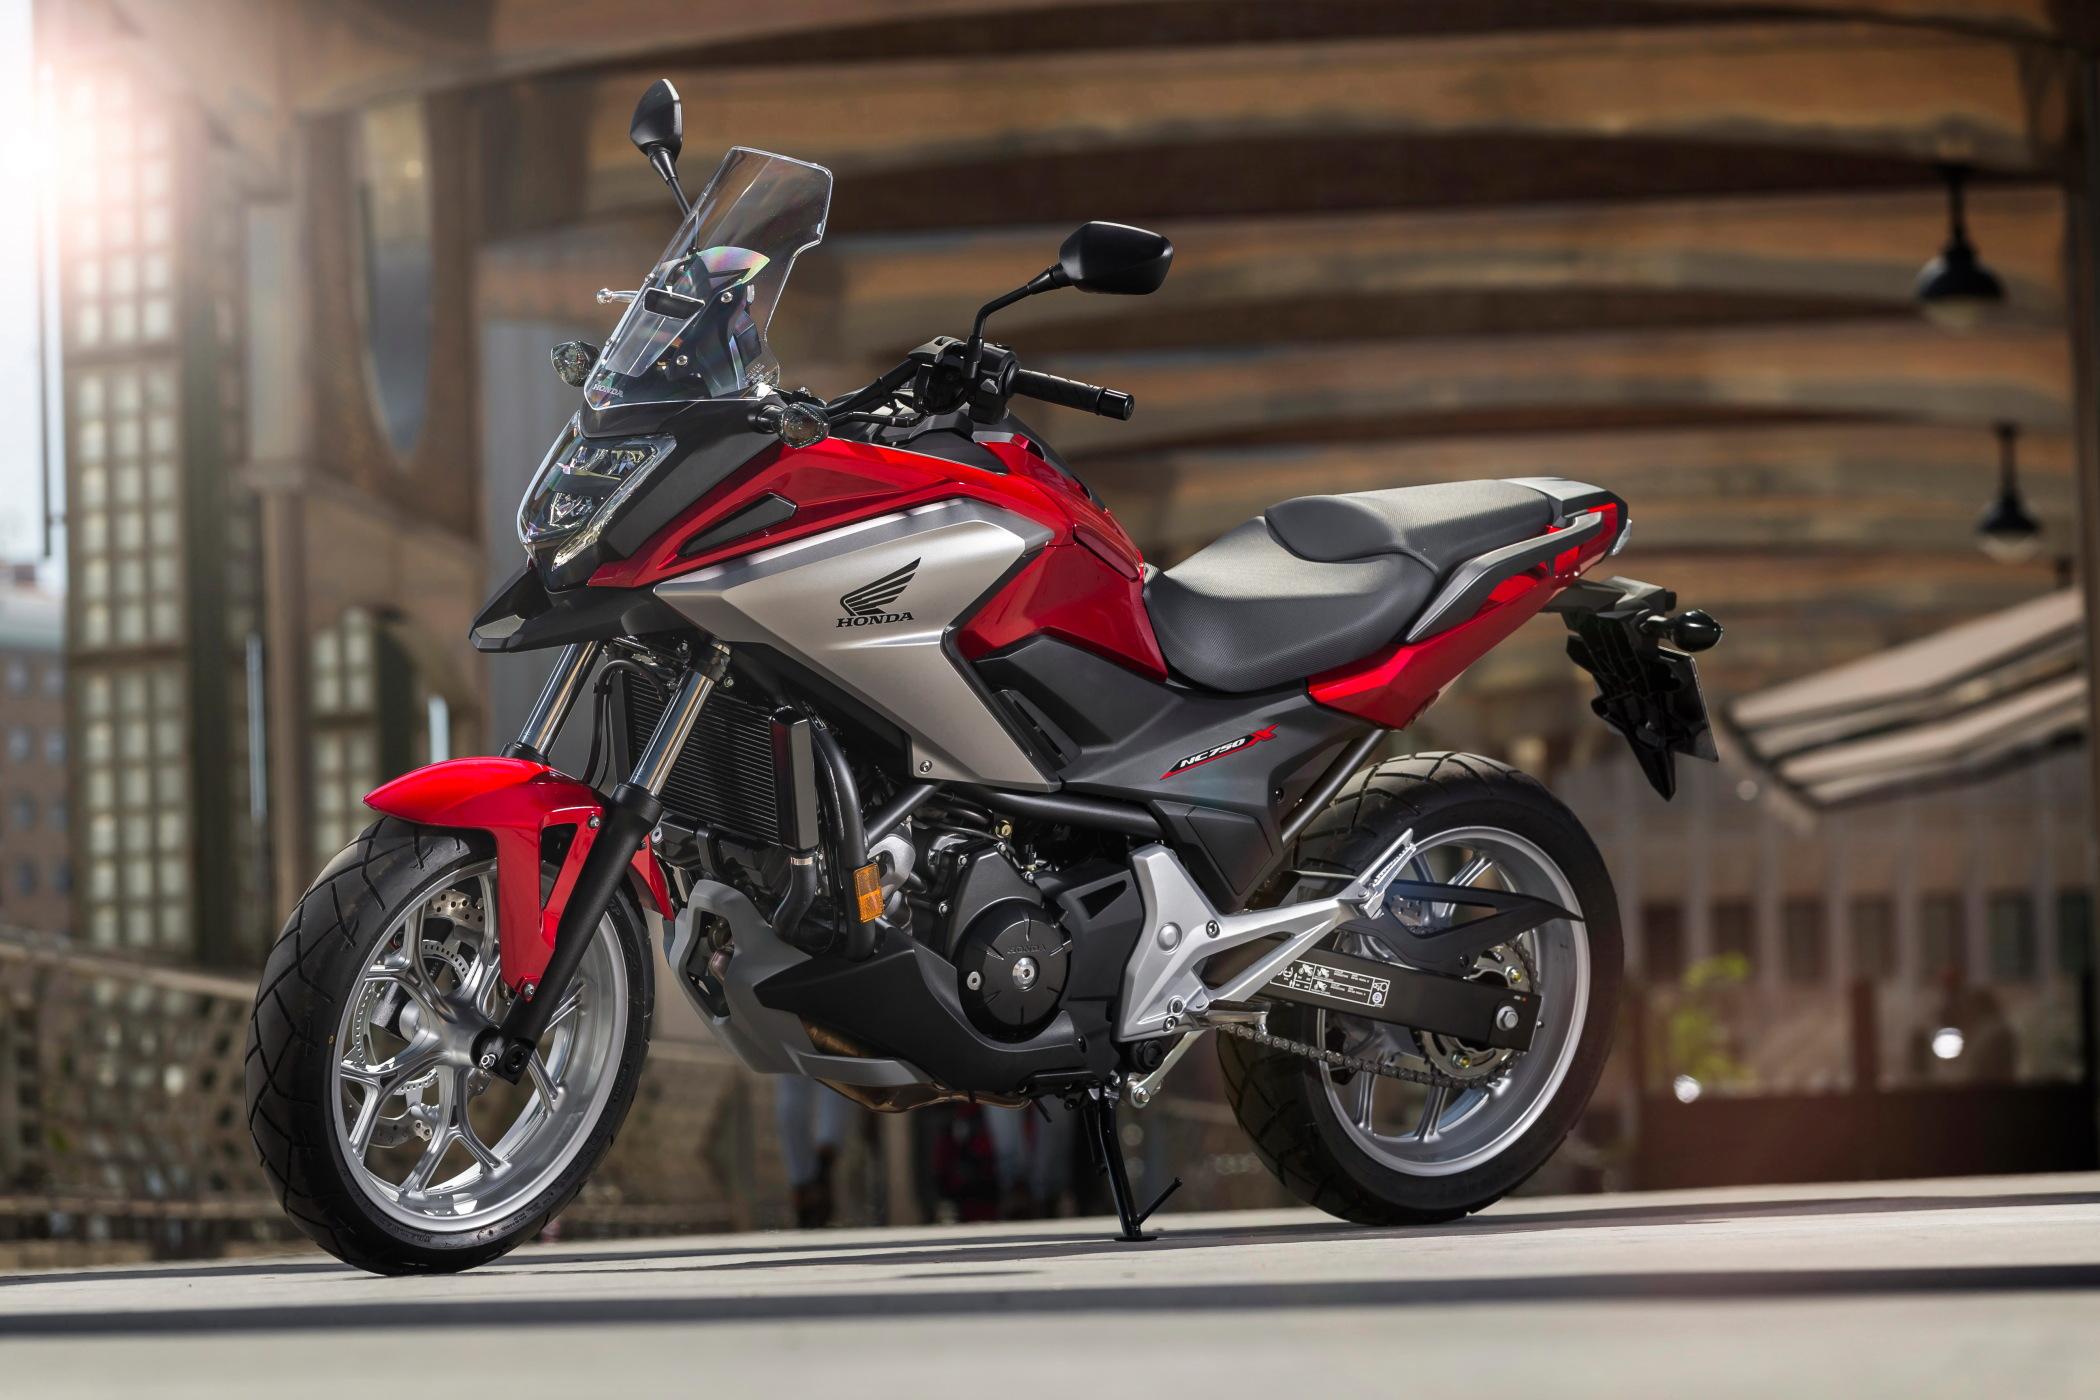 2016 Honda Nc750 X First Ride Superbike Magazine